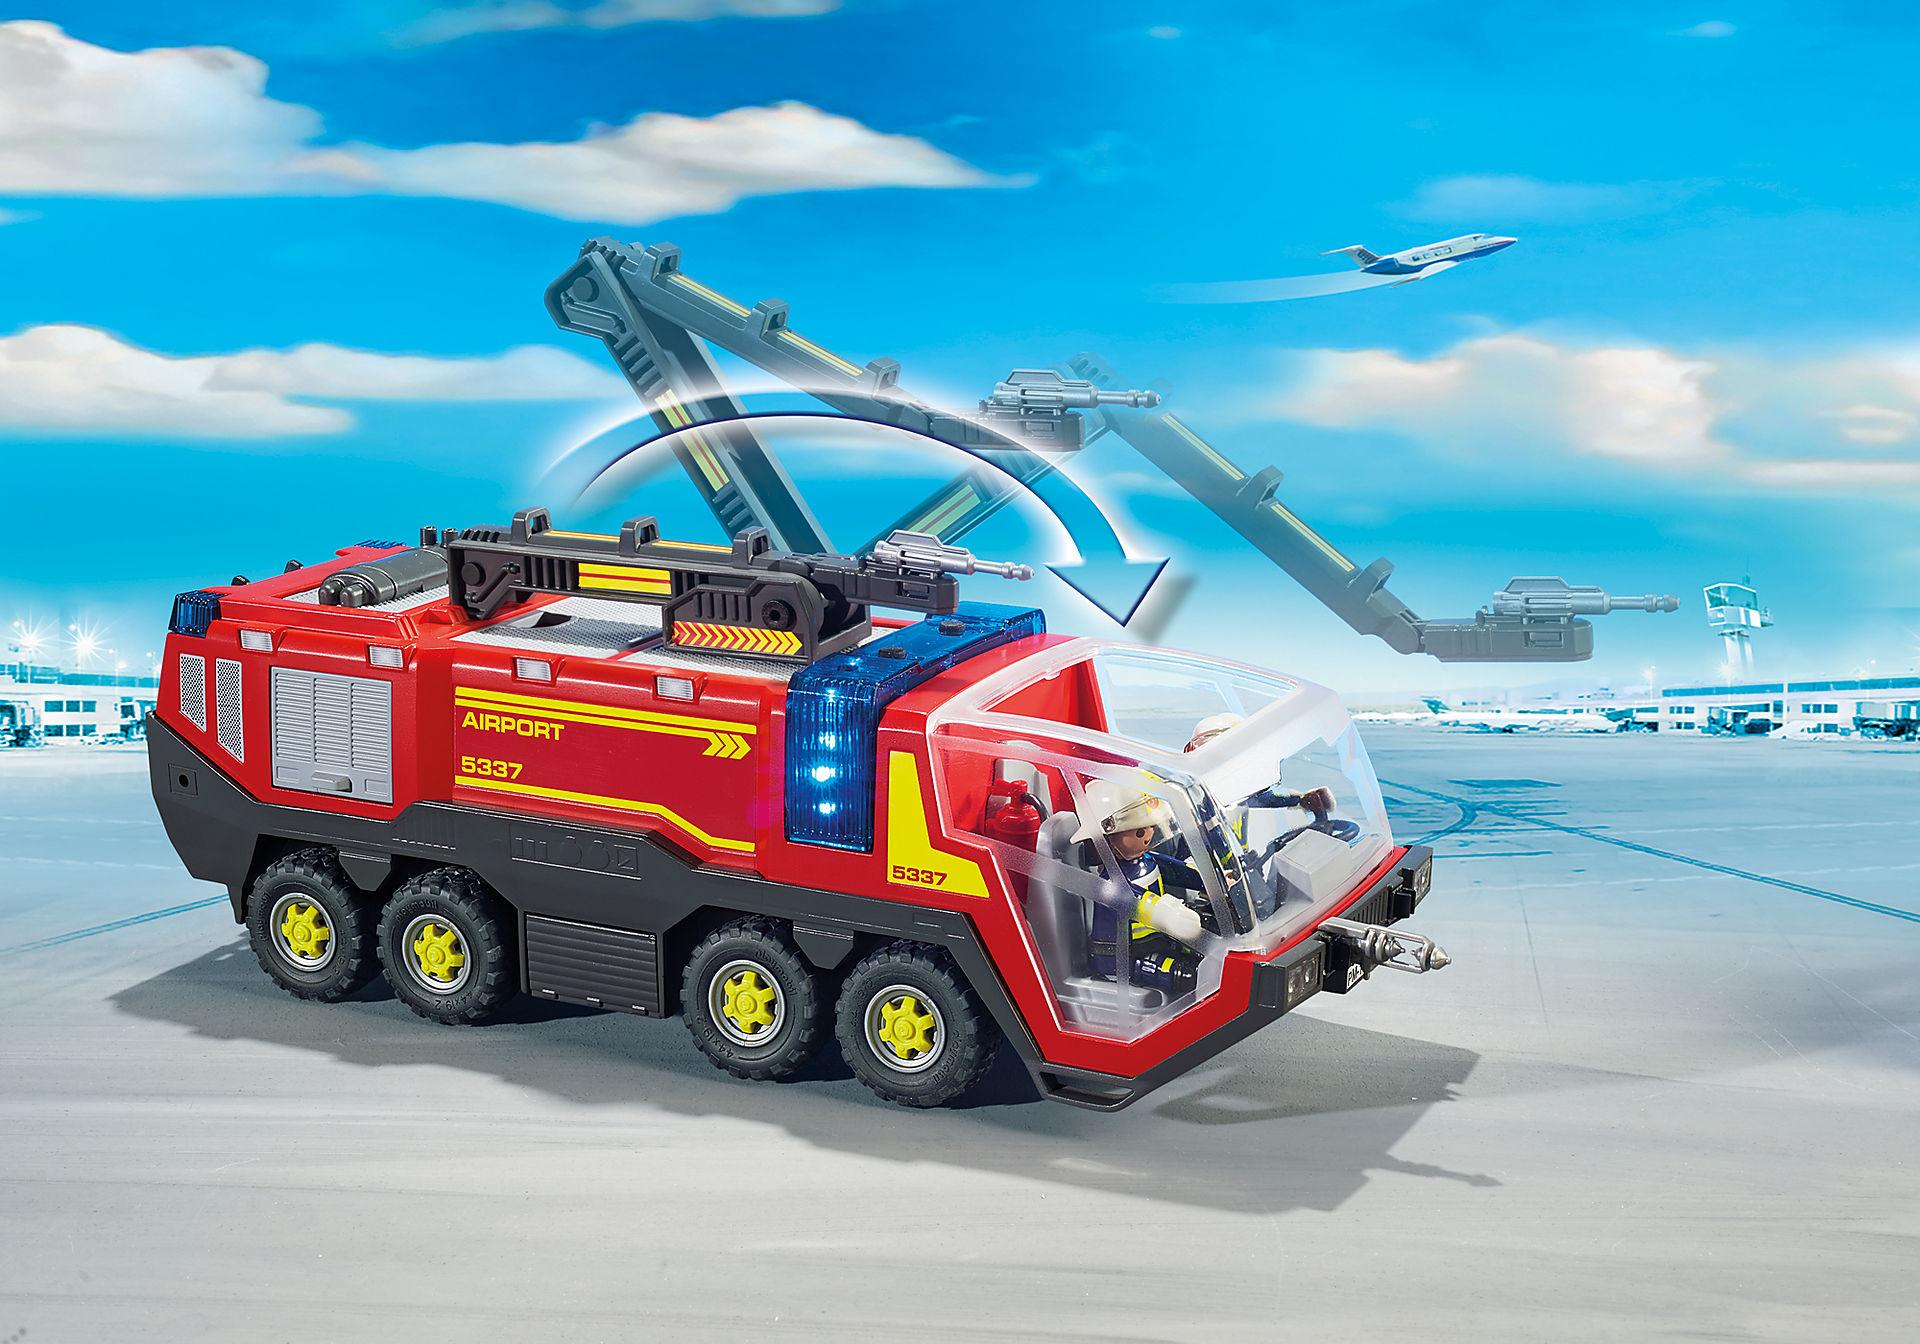 5337 Pompiers avec véhicule aéroportuaire zoom image8